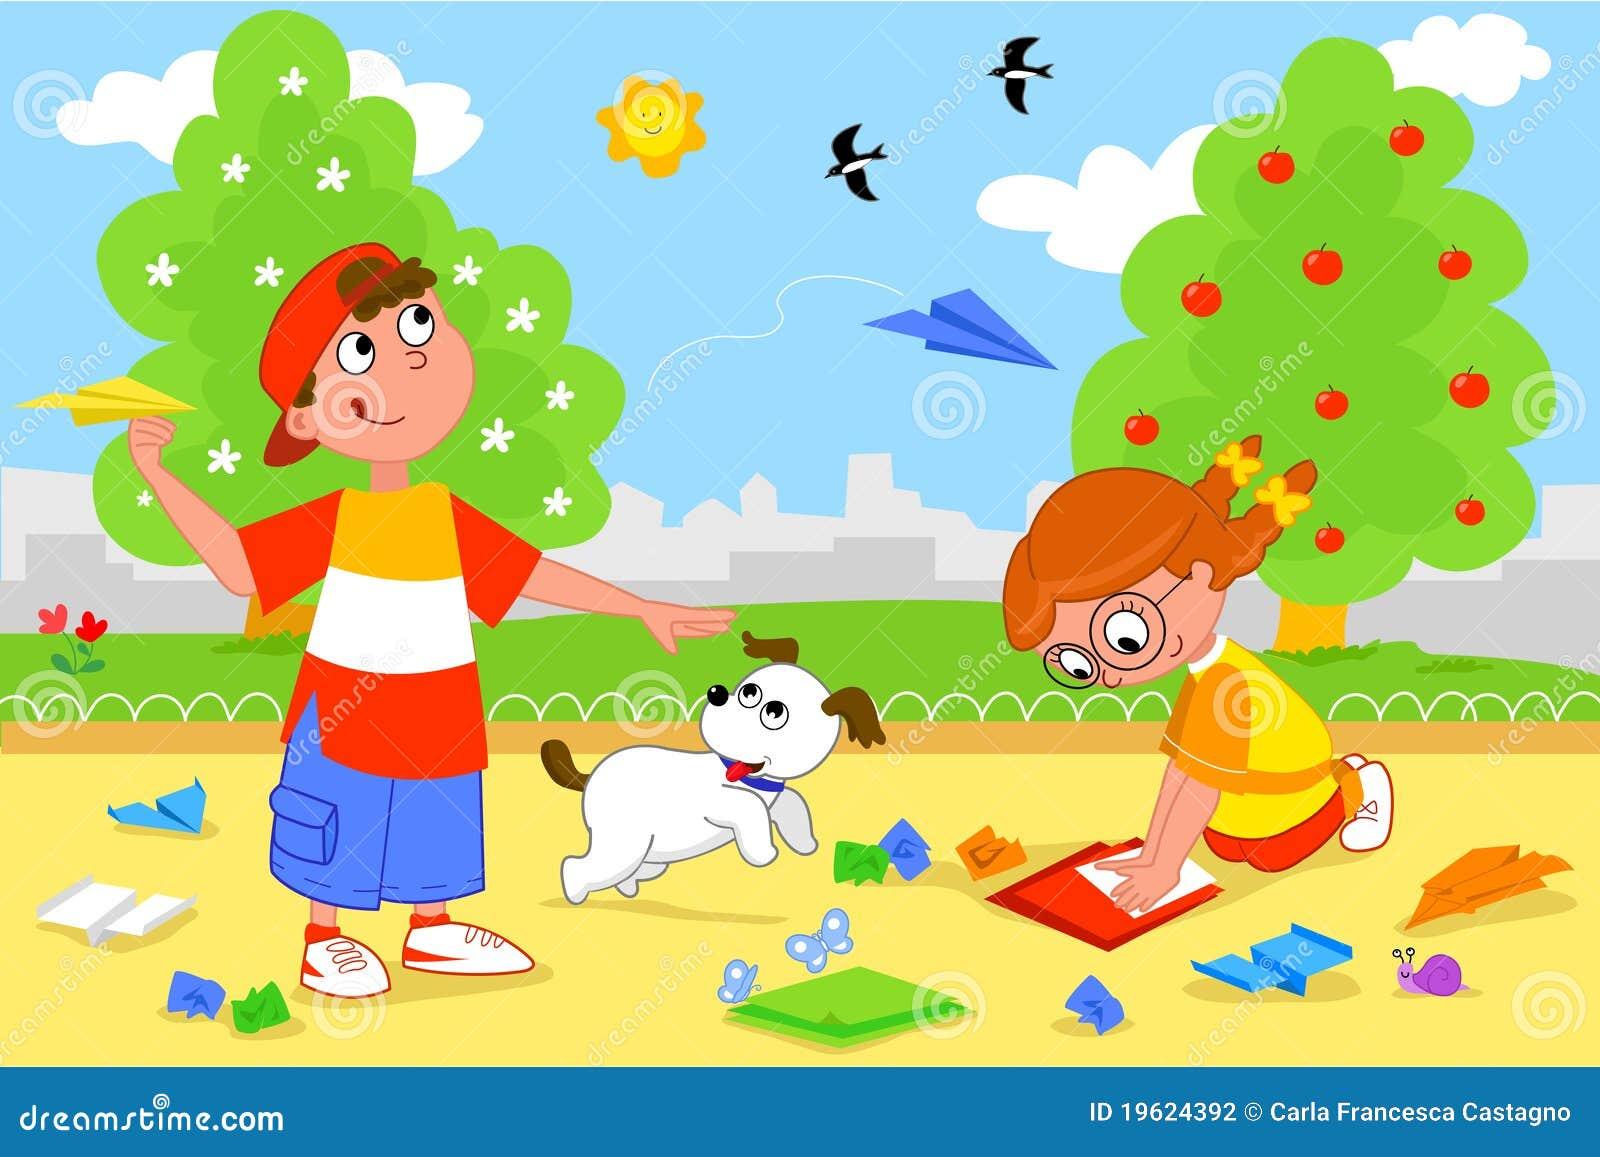 Bambini Che Giocano Con Gli Aeroplani Di Carta Illustrazione